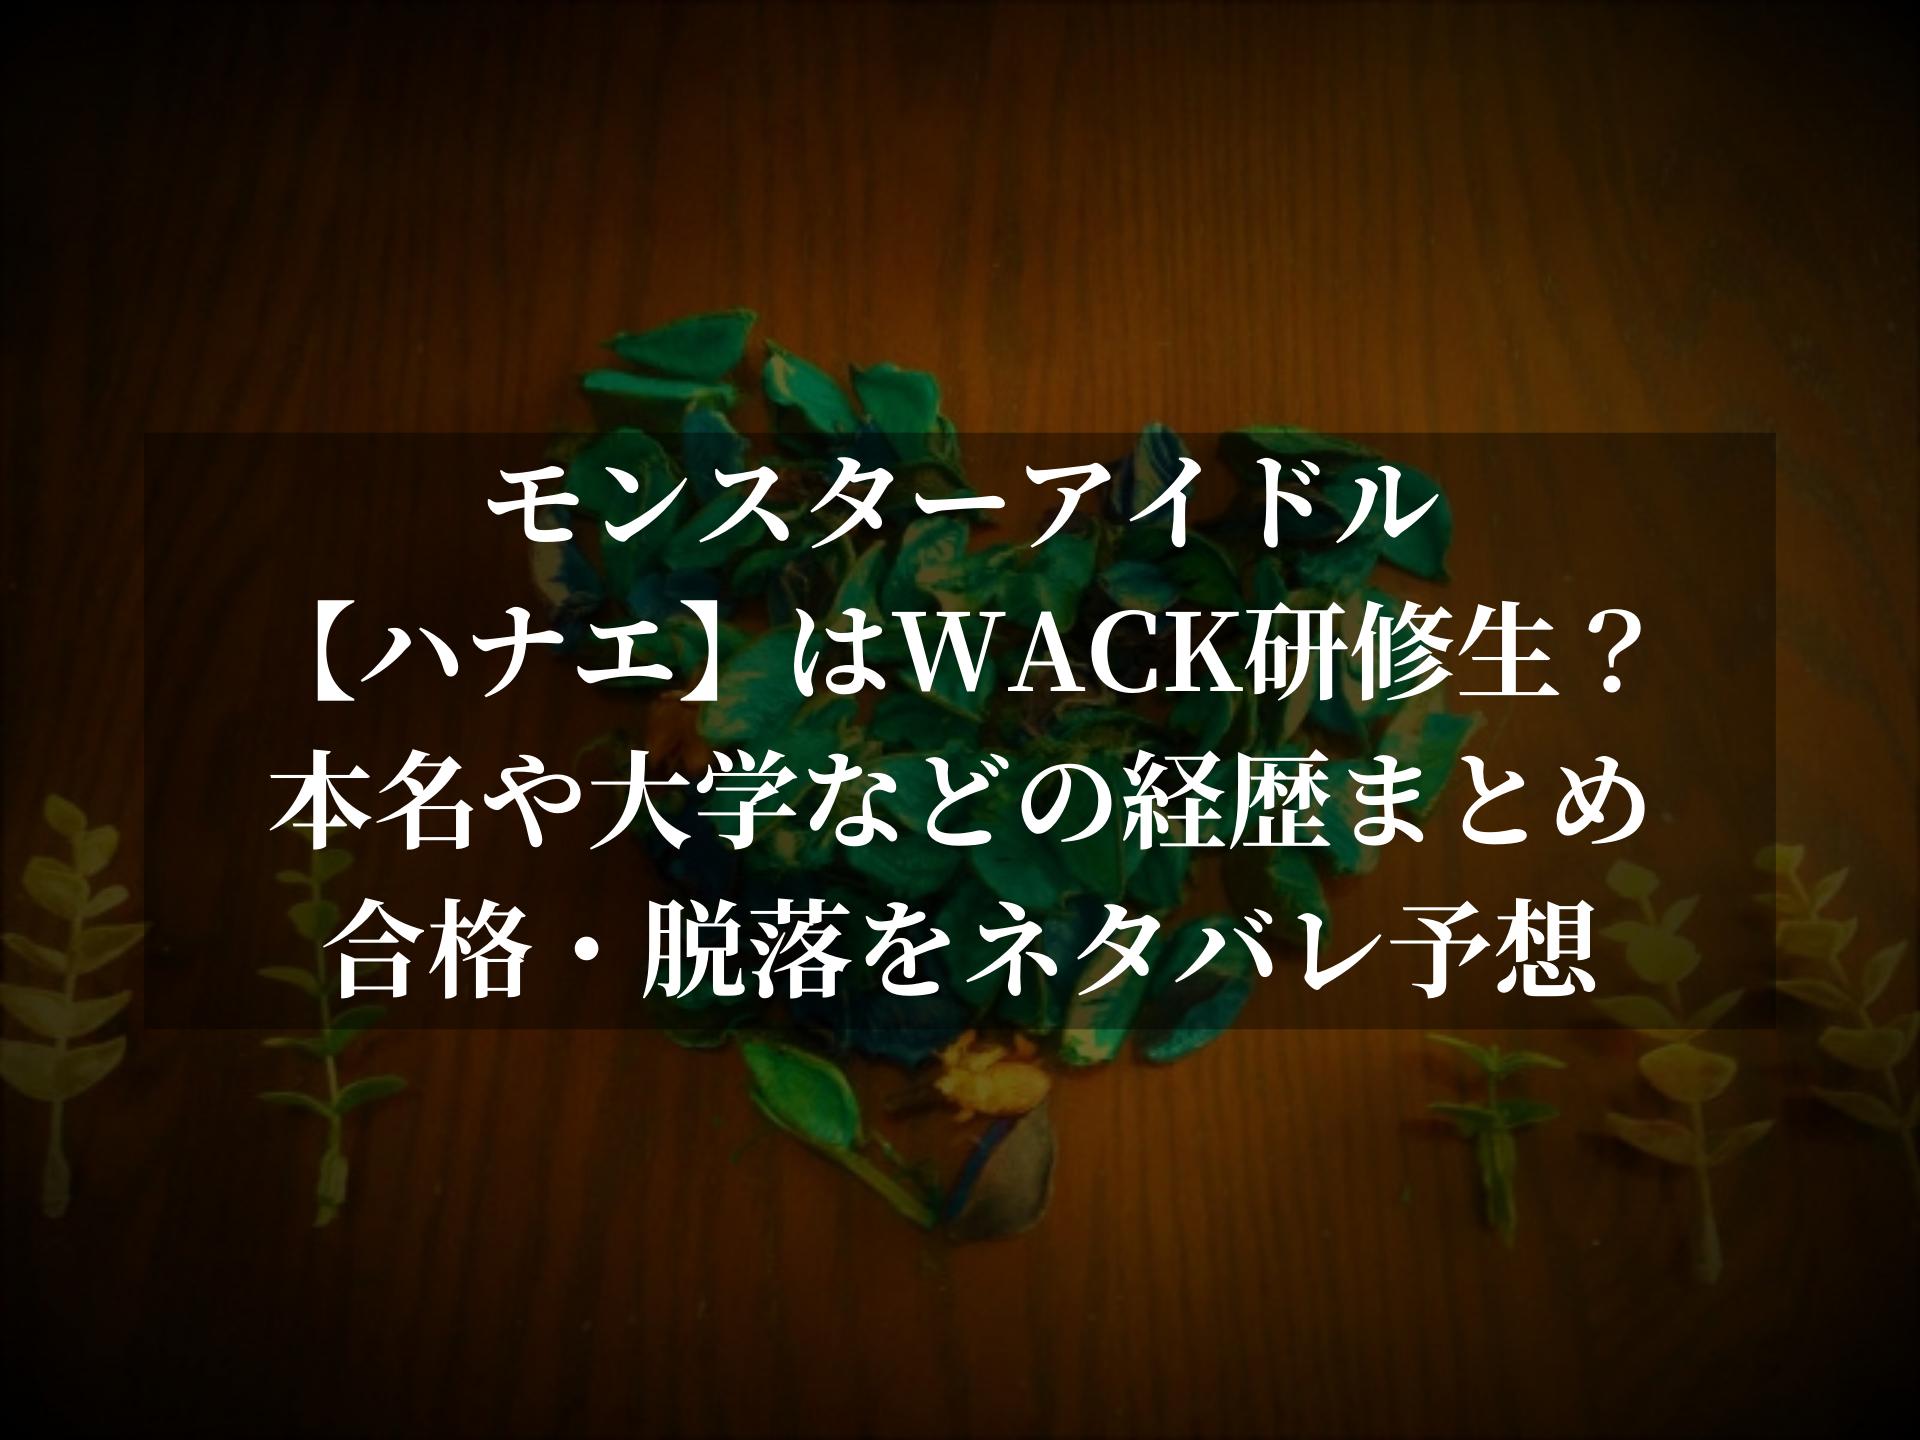 モンスターアイドル(ハナエ)はWACK研修生?本名・大学などの経歴